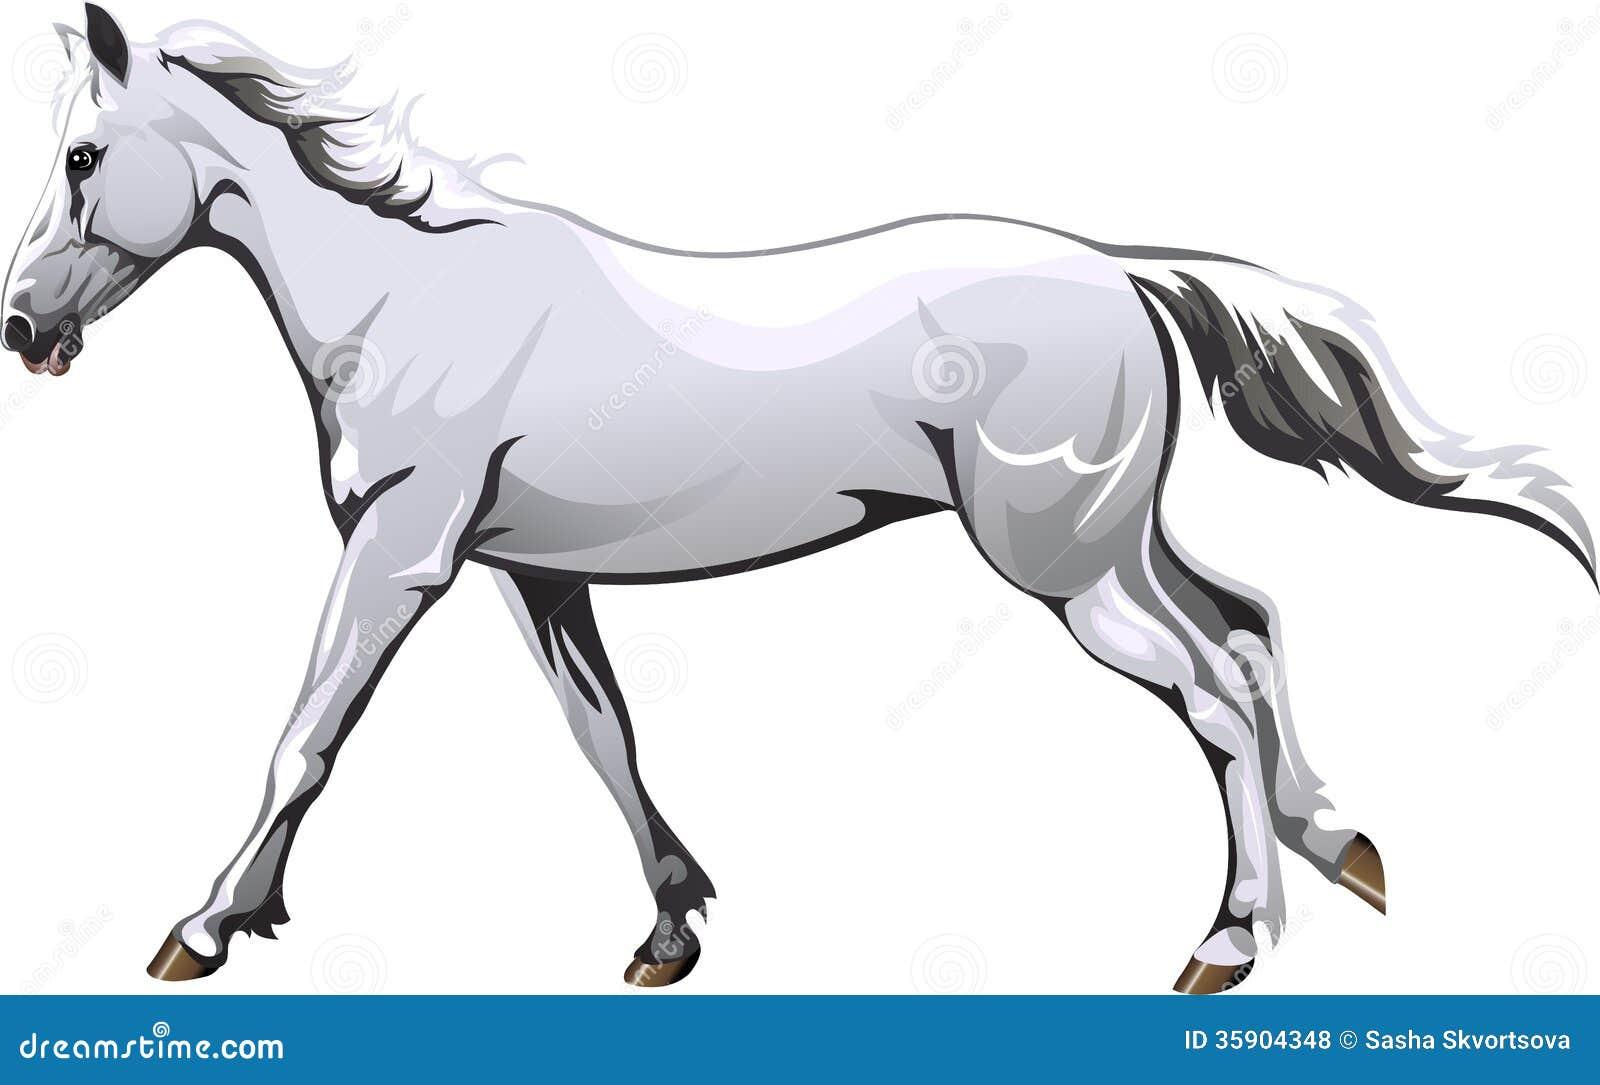 Running White Horse Stock Vector Illustration Of Horse 35904348